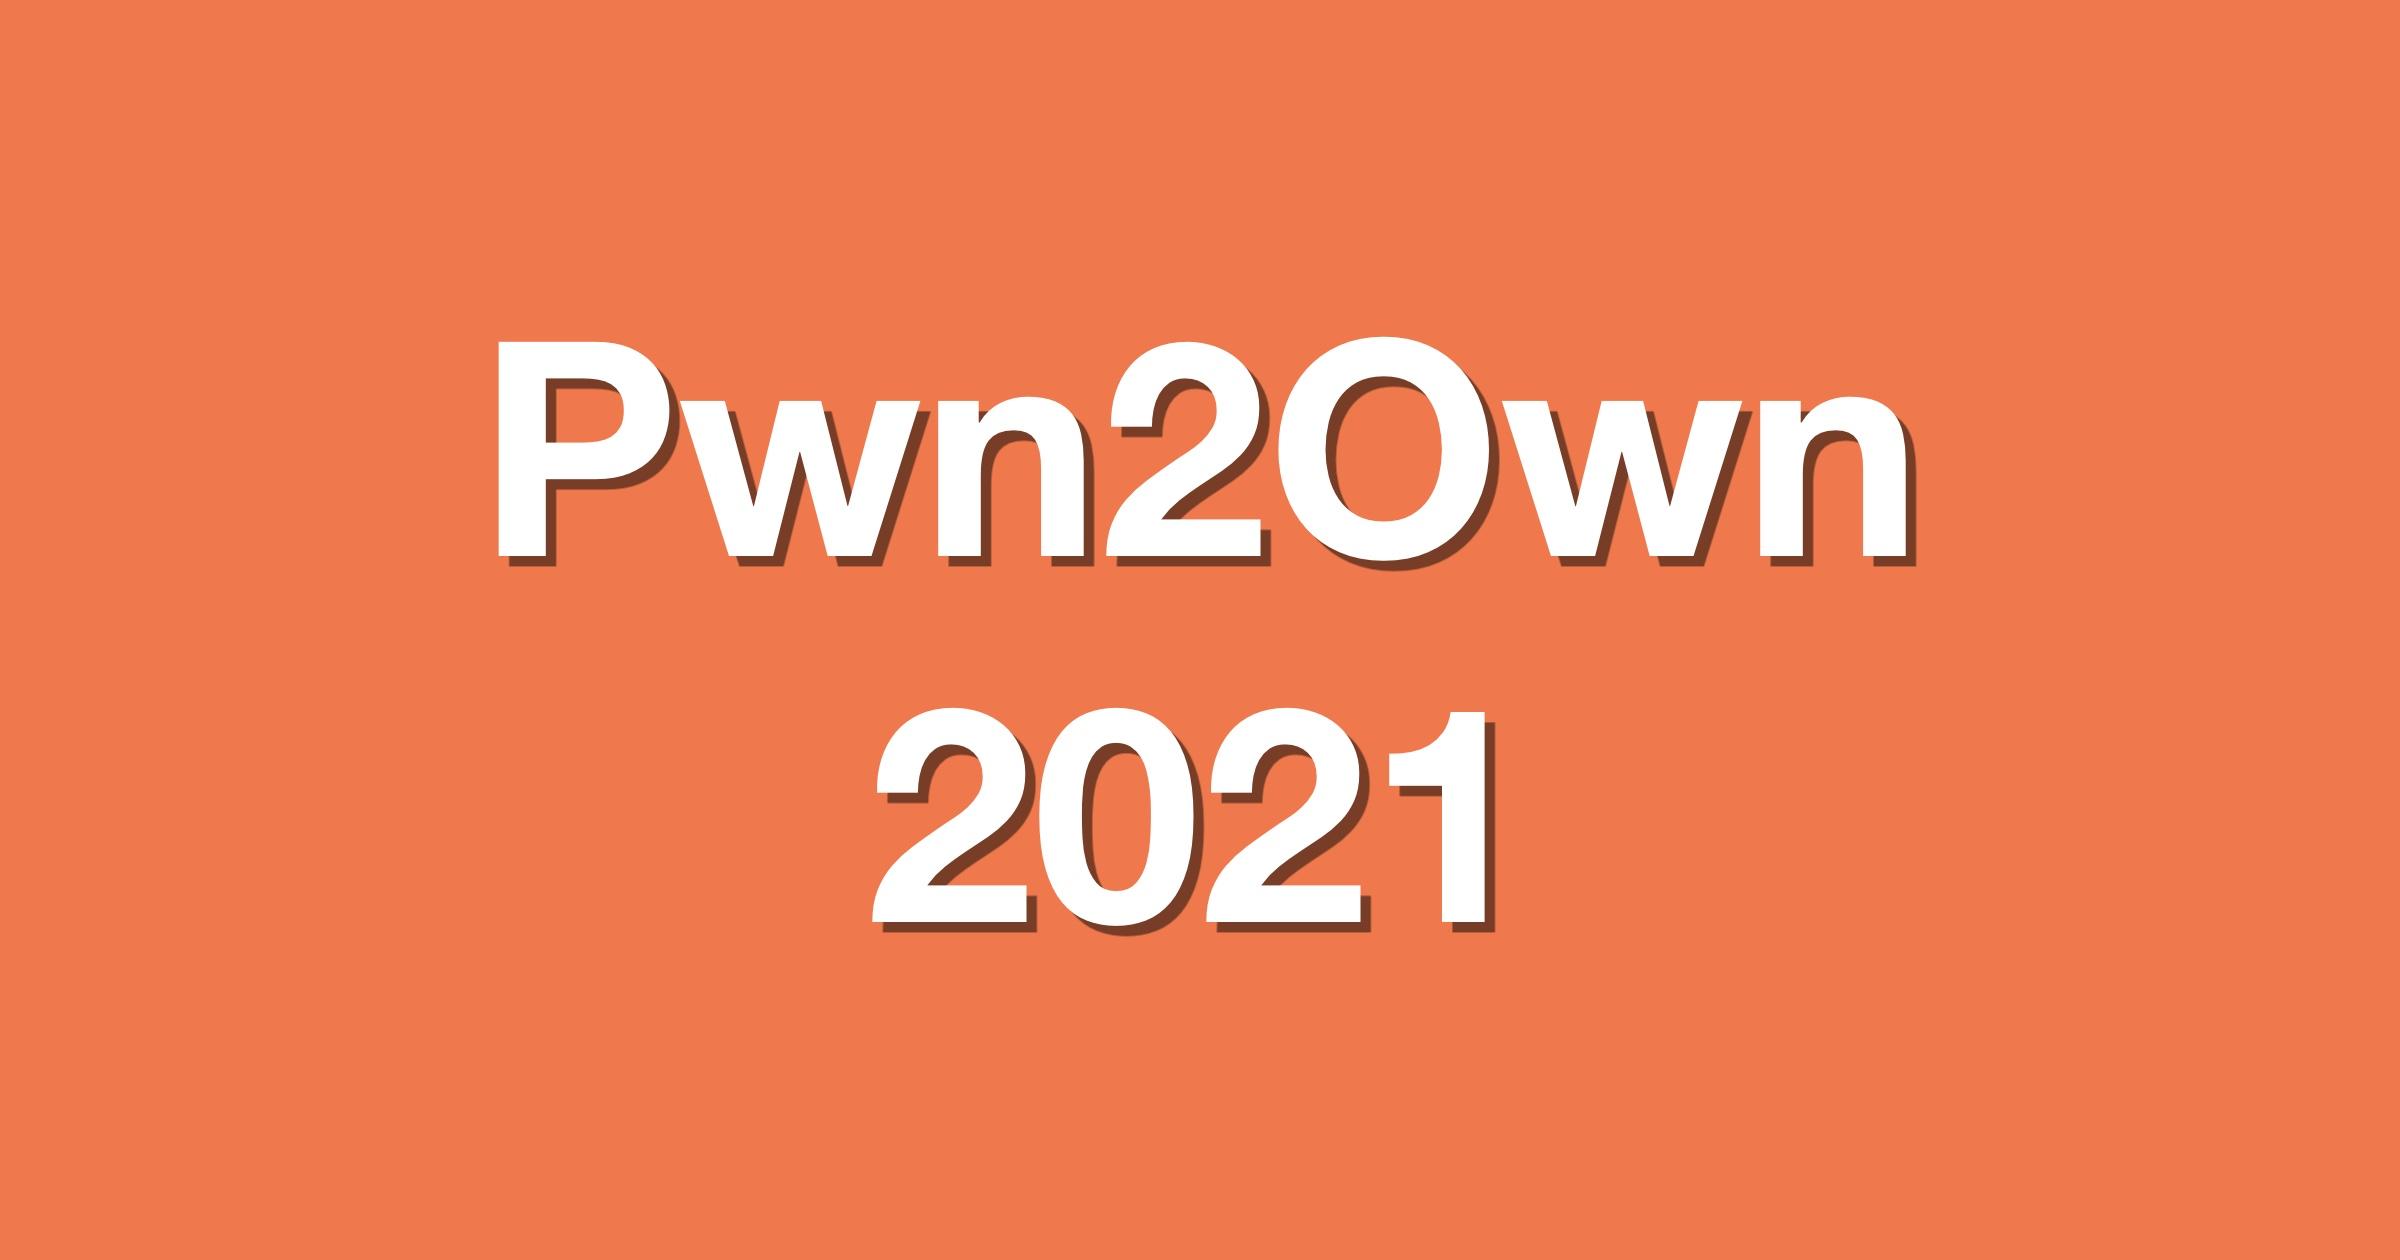 Pwn2own 2021